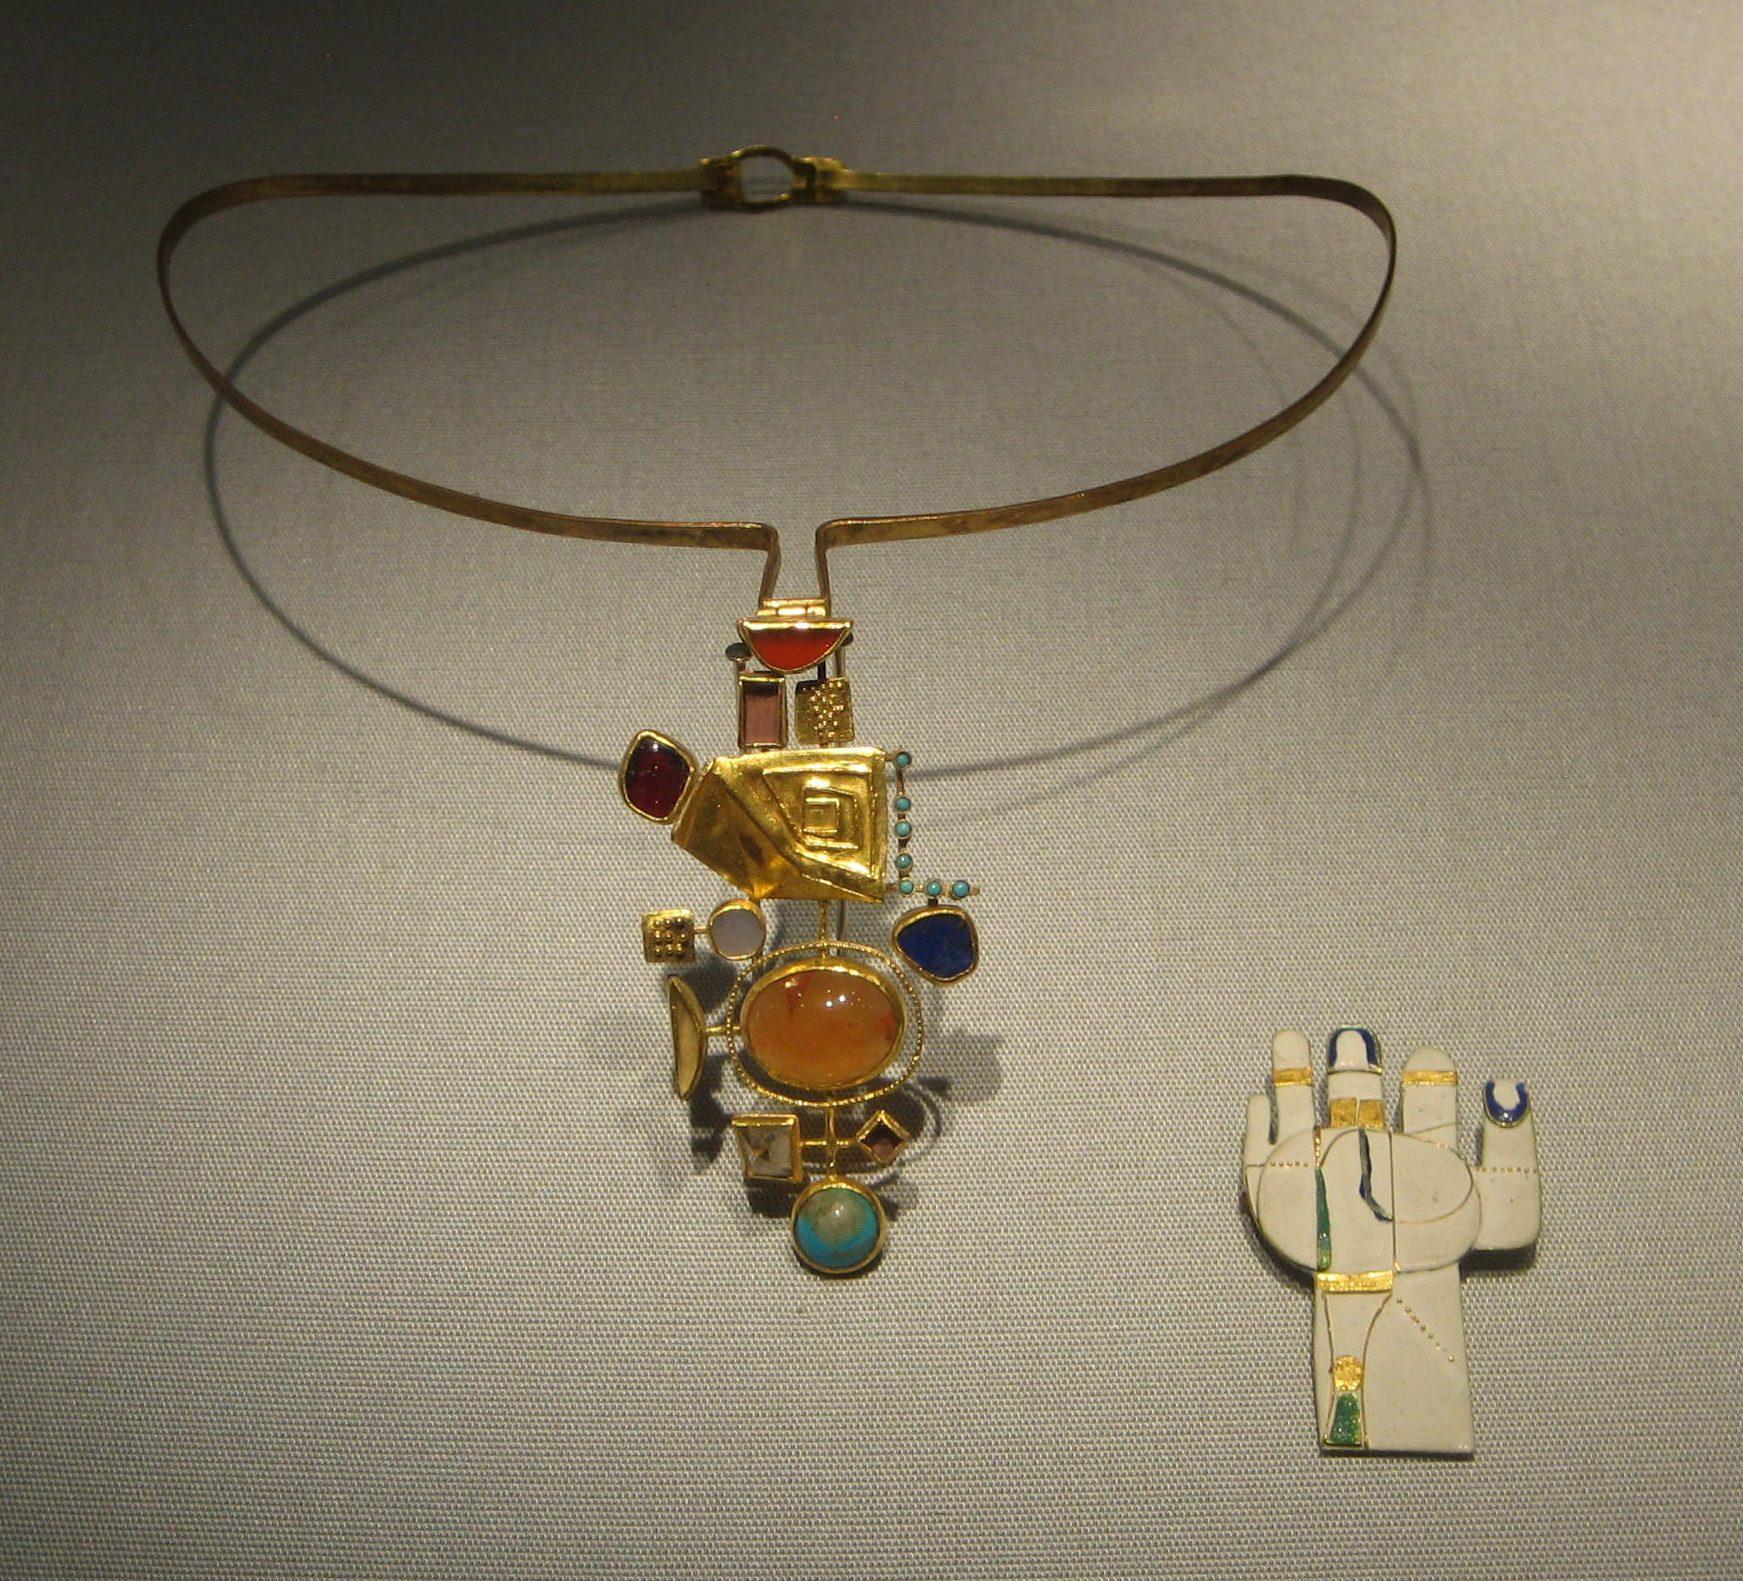 Hermann Jünger, halssieraad, 1963, broche, 1967. Schmuckmuseum Pforzheim. Foto Esther Doornbusch, mei 2019, goud, steen, email